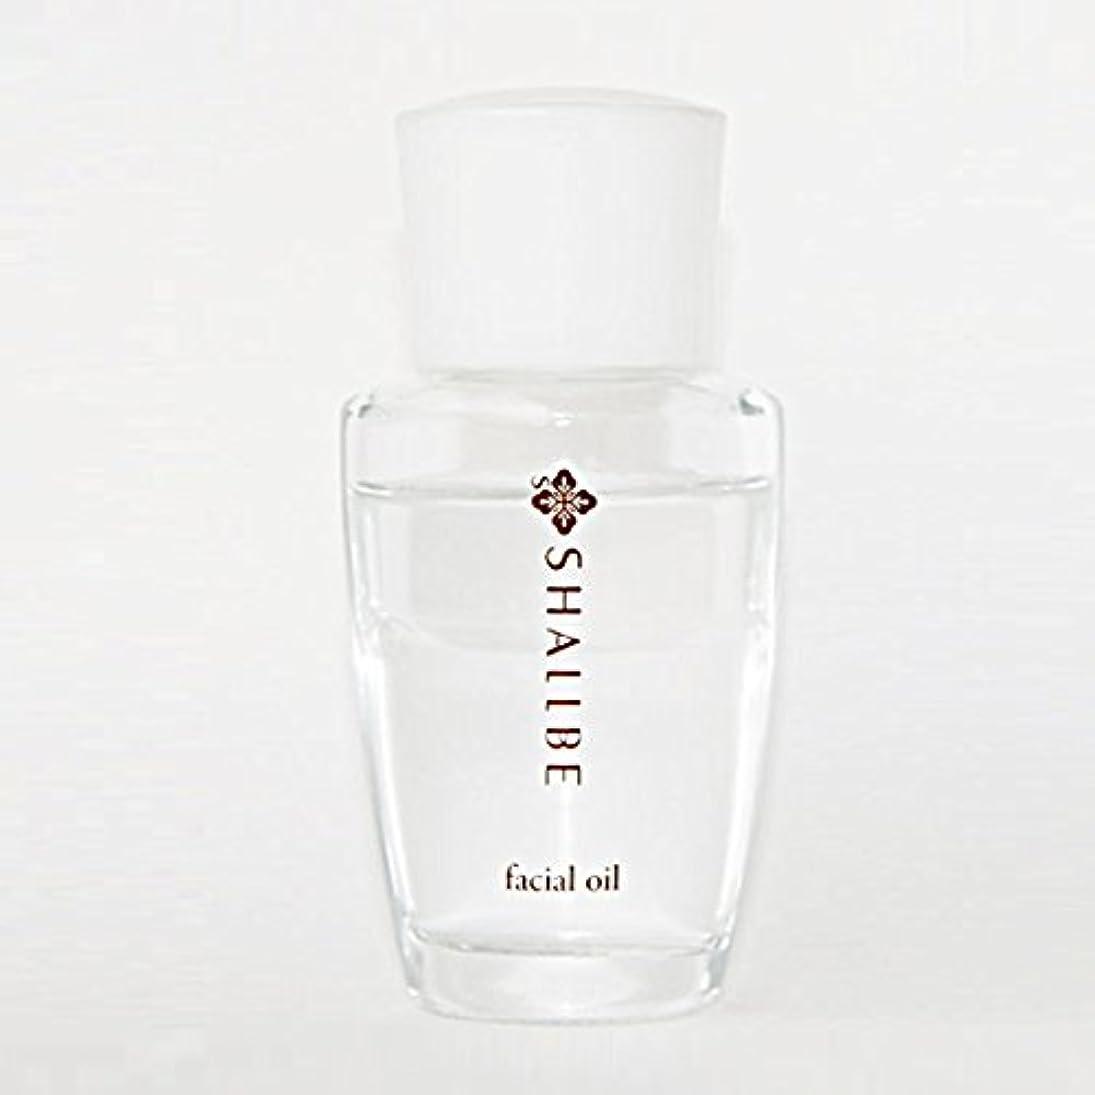 魅惑する腹痛疼痛シャルビー カクテル スクワラン オイル 26ml 美容液 2層 スクワランオイル